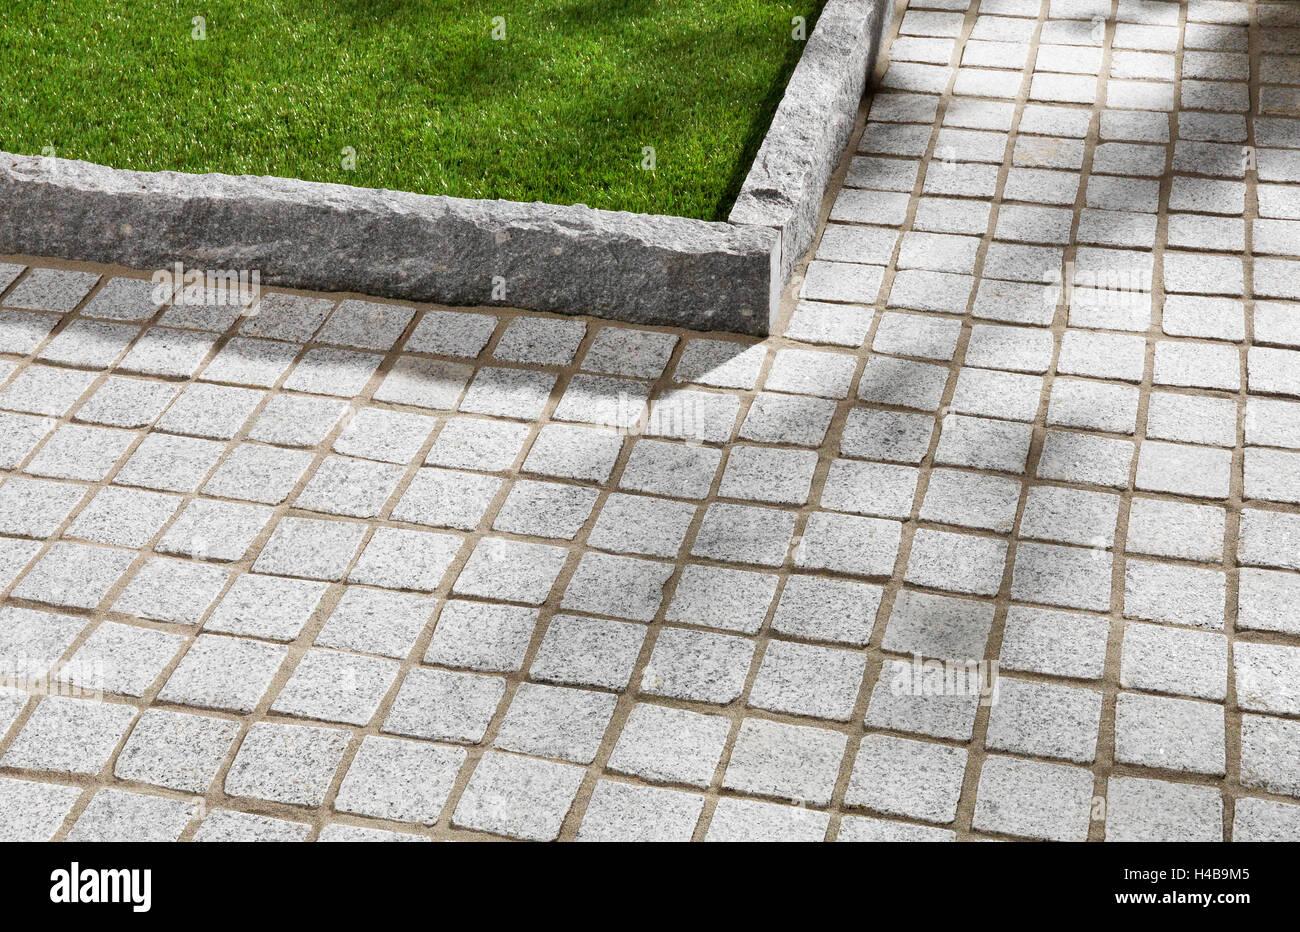 Garden, Sidewalk, Paving Stones, Lawn Edges